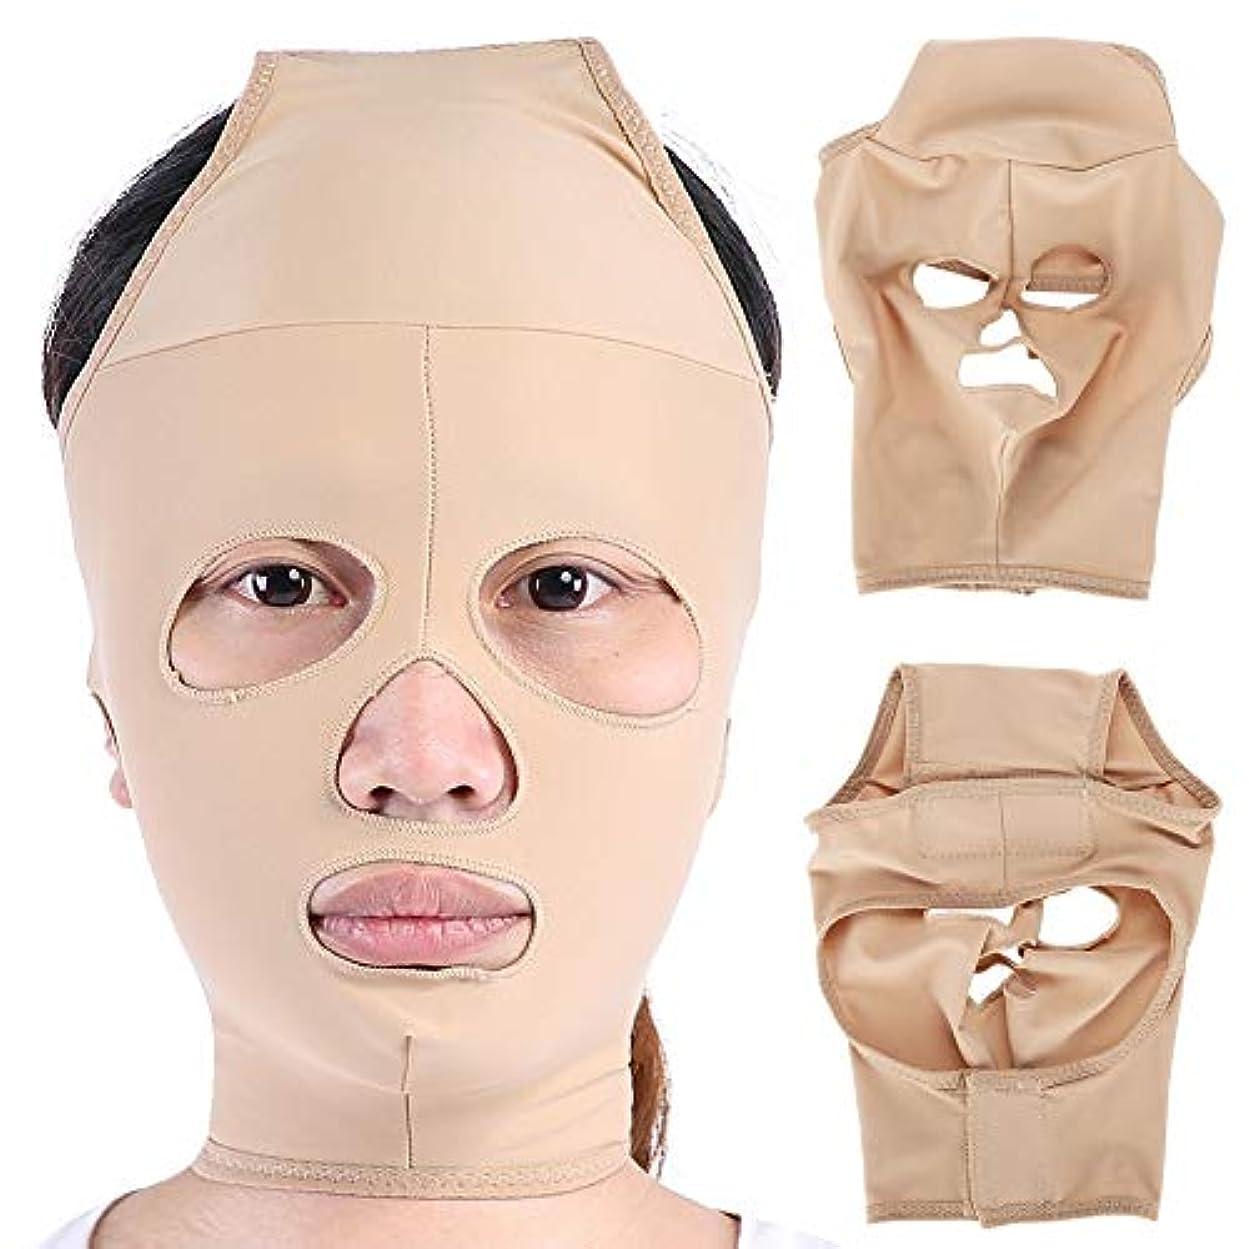 必要調整可能想起小顔 矯正 美顔 顔痩せ グッズ フェイス マスク ベルト コルセット メンズ サポーター ヌード色(M)